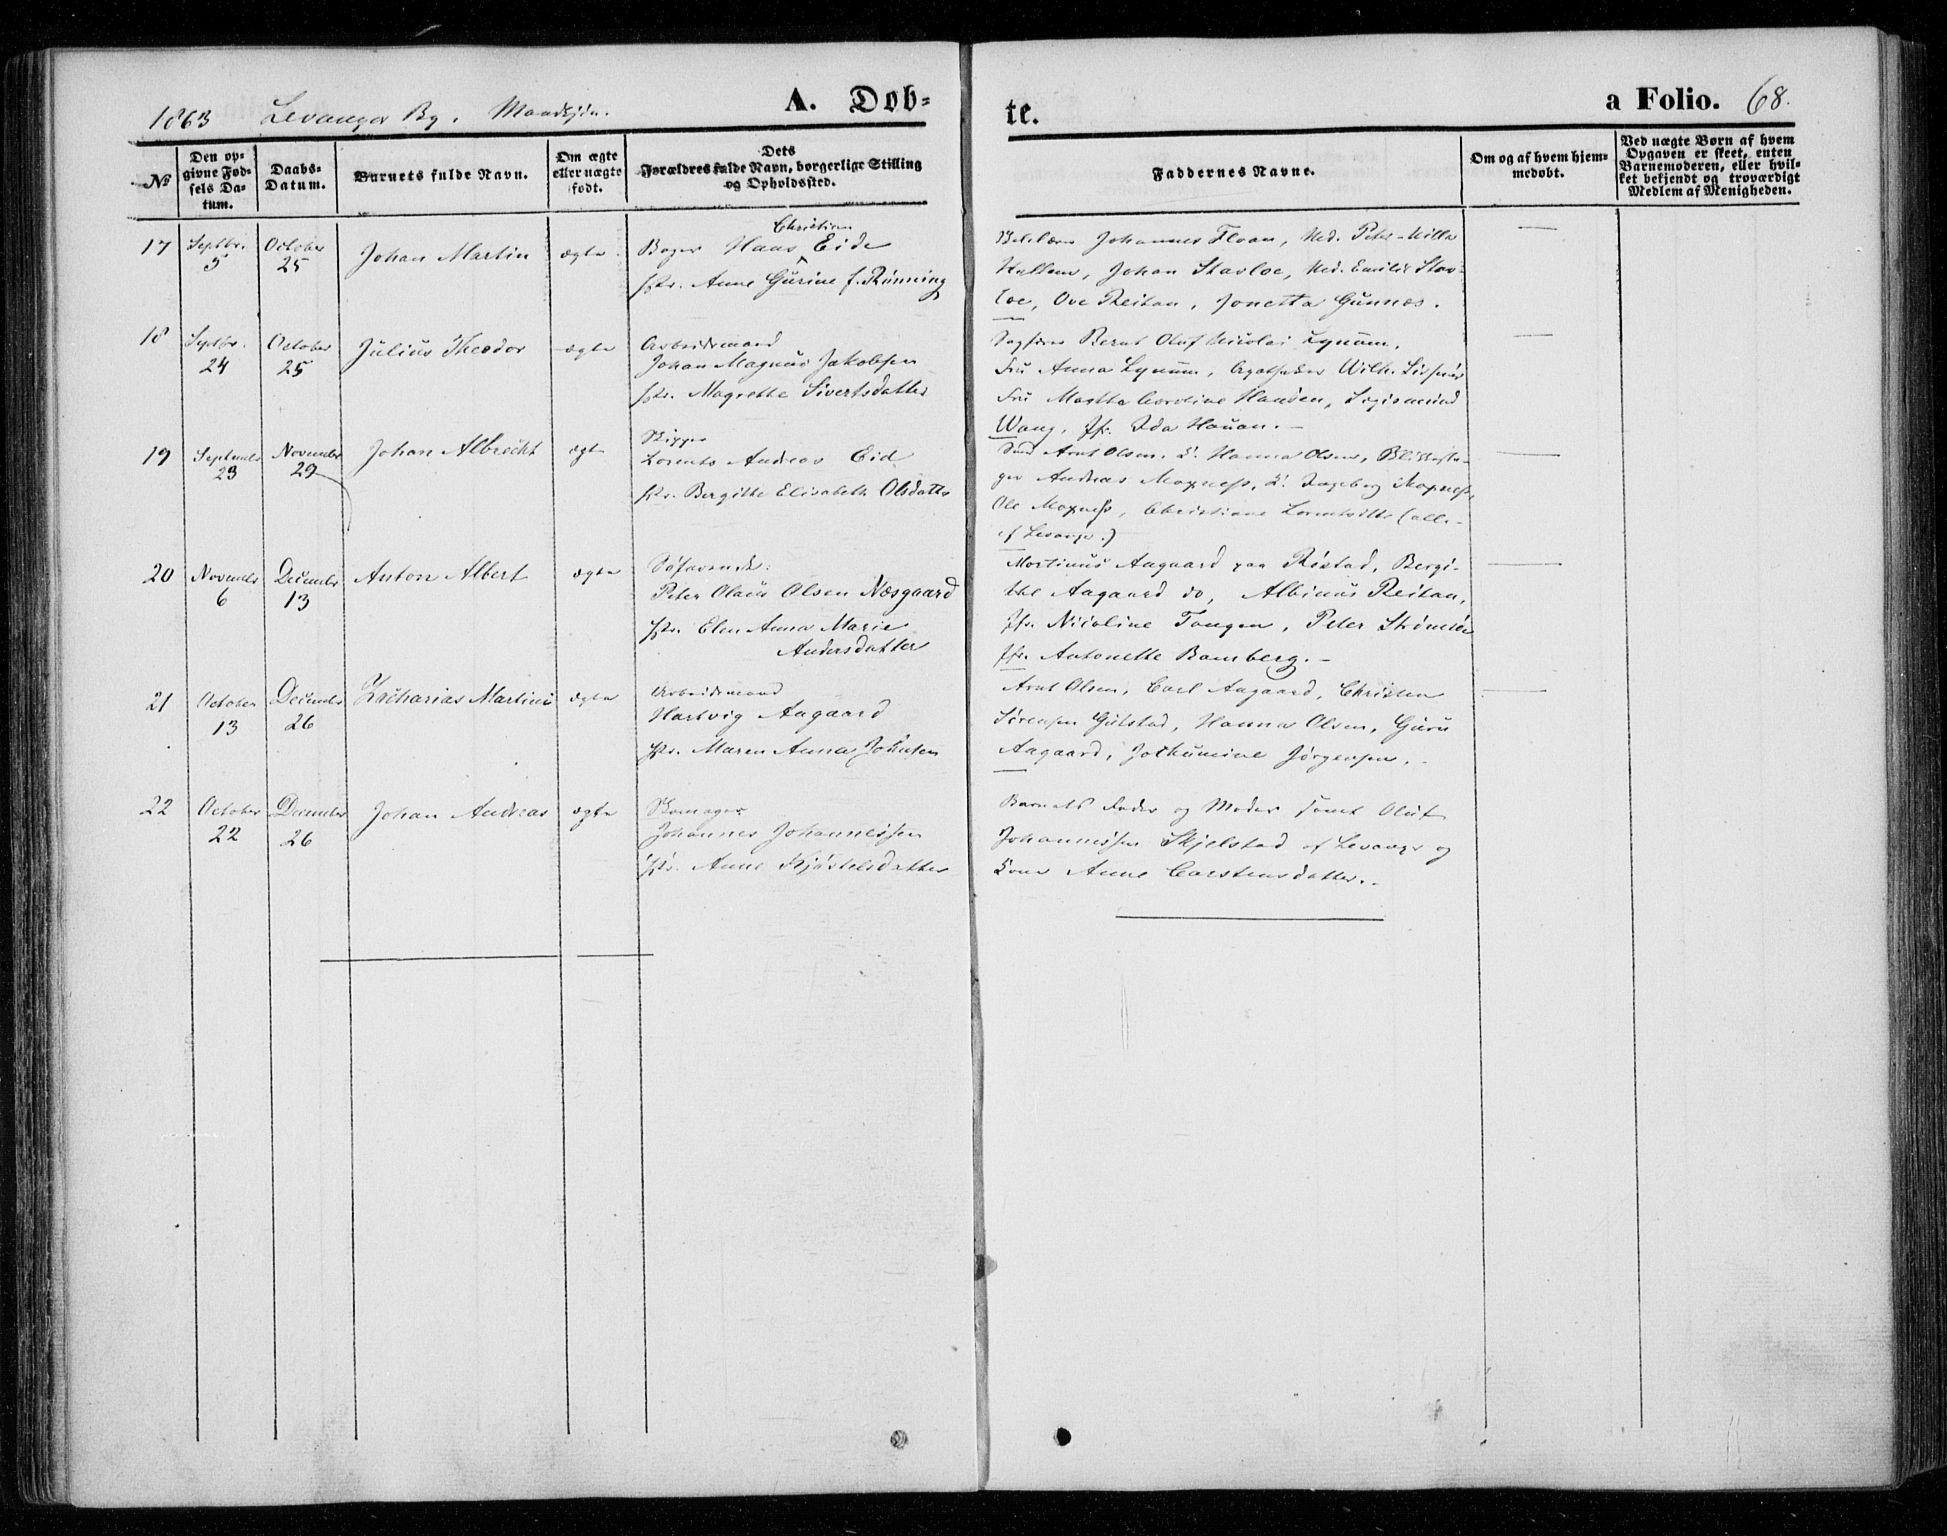 SAT, Ministerialprotokoller, klokkerbøker og fødselsregistre - Nord-Trøndelag, 720/L0184: Ministerialbok nr. 720A02 /1, 1855-1863, s. 68